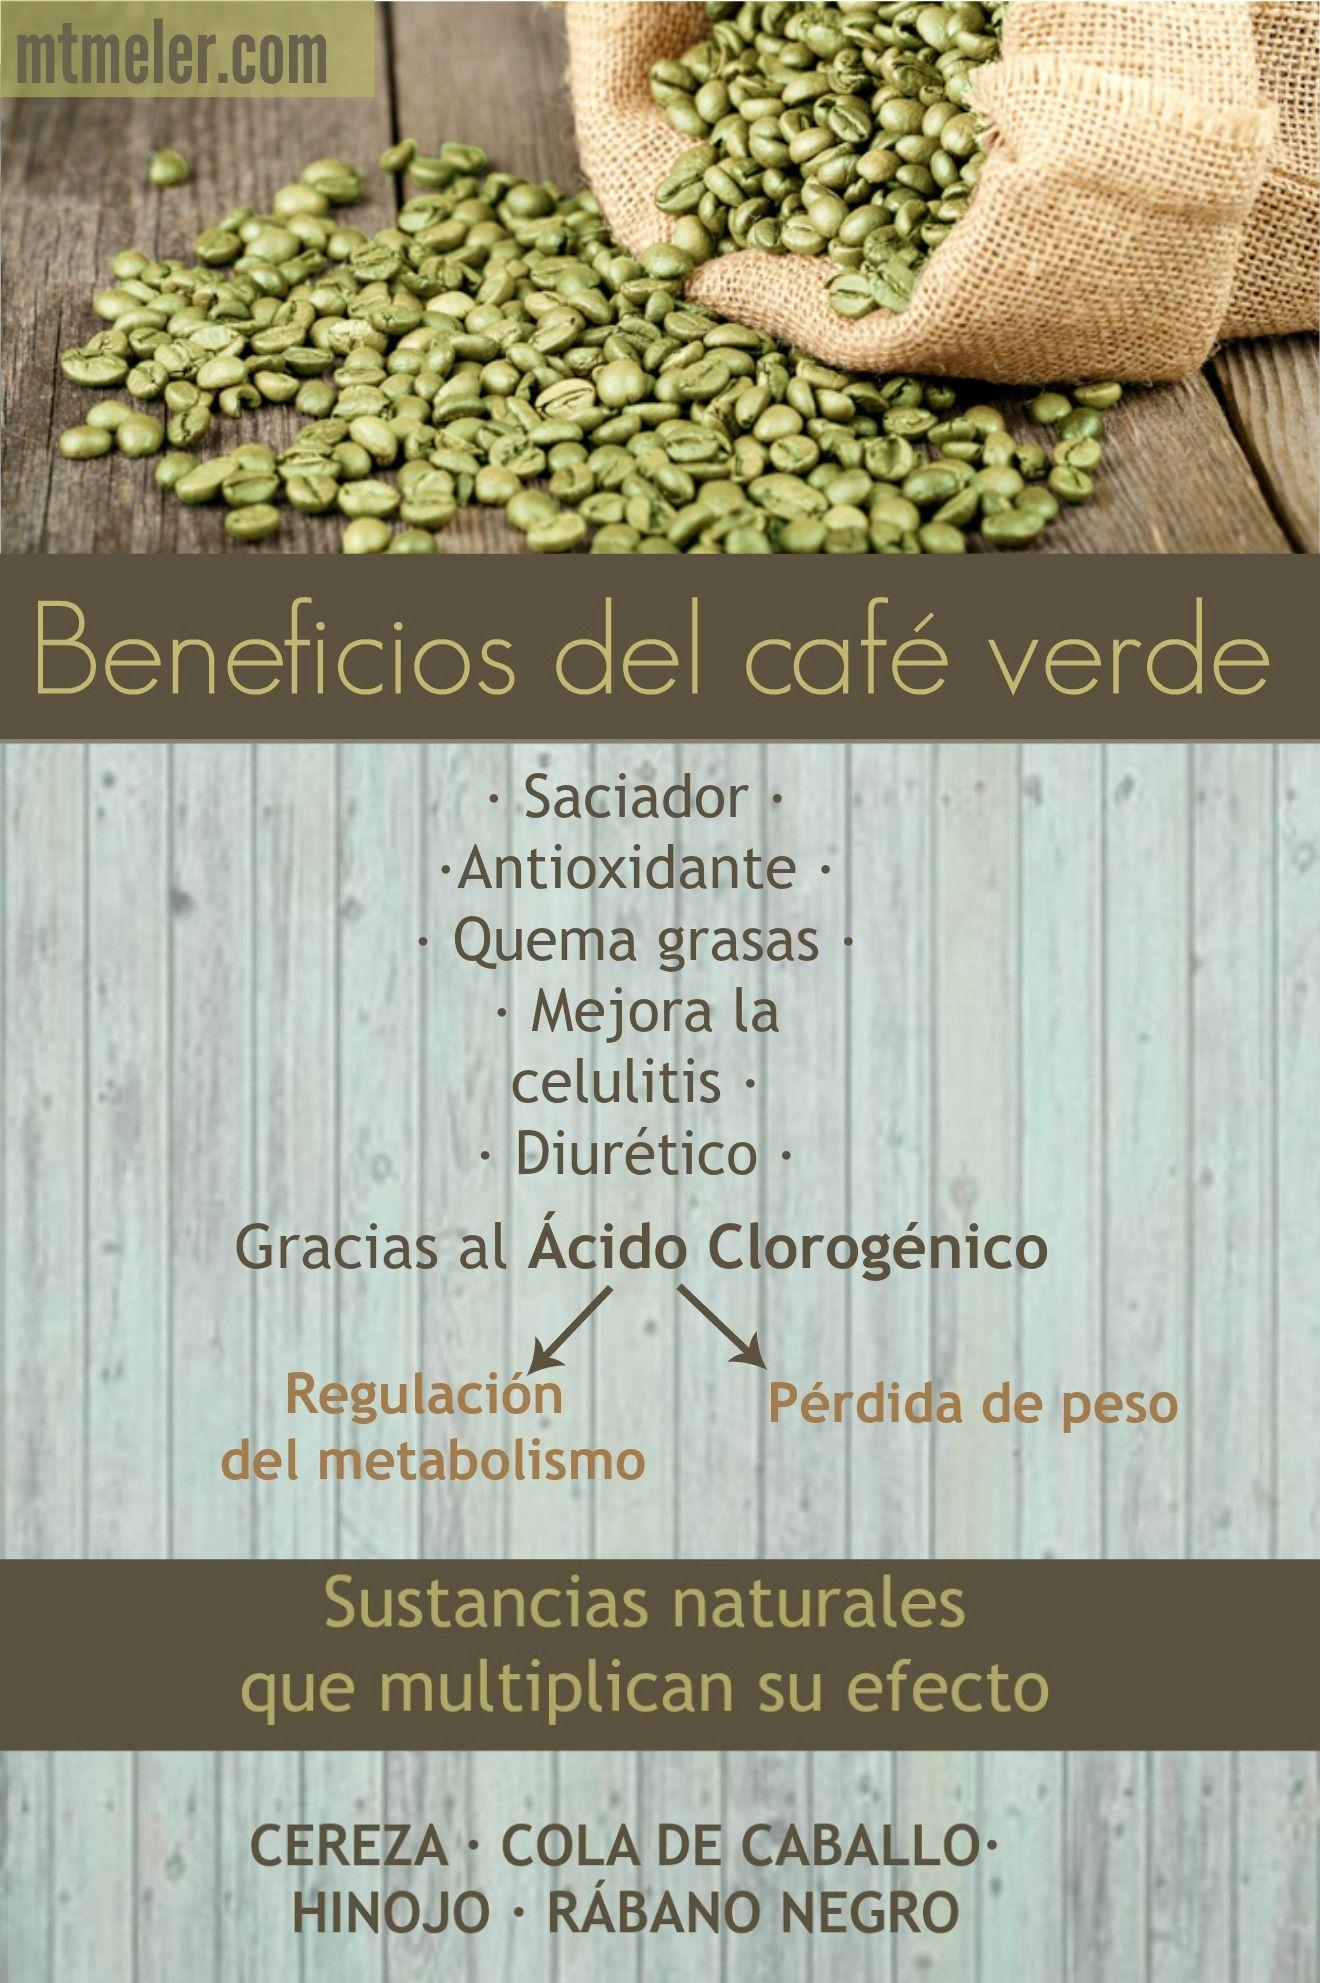 Café Verde Y Mesoterapia La Combinación Perfecta Para Adelgazar Cafe Verde Beneficios Cafe Verde Propiedades Beneficios Del Cafe